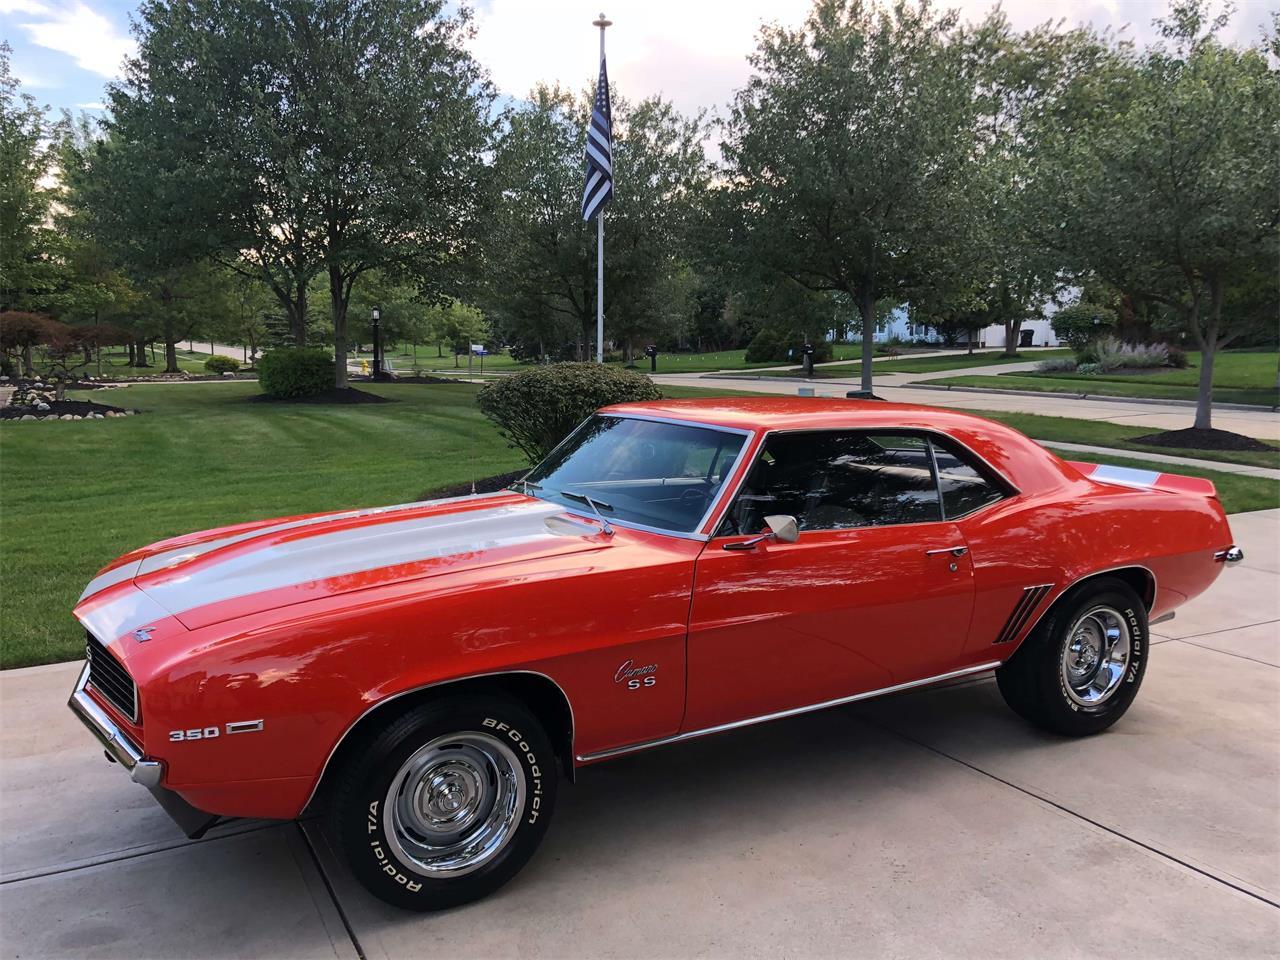 1969 Chevrolet Camaro Ss For Sale Classiccars Com Cc 1141902